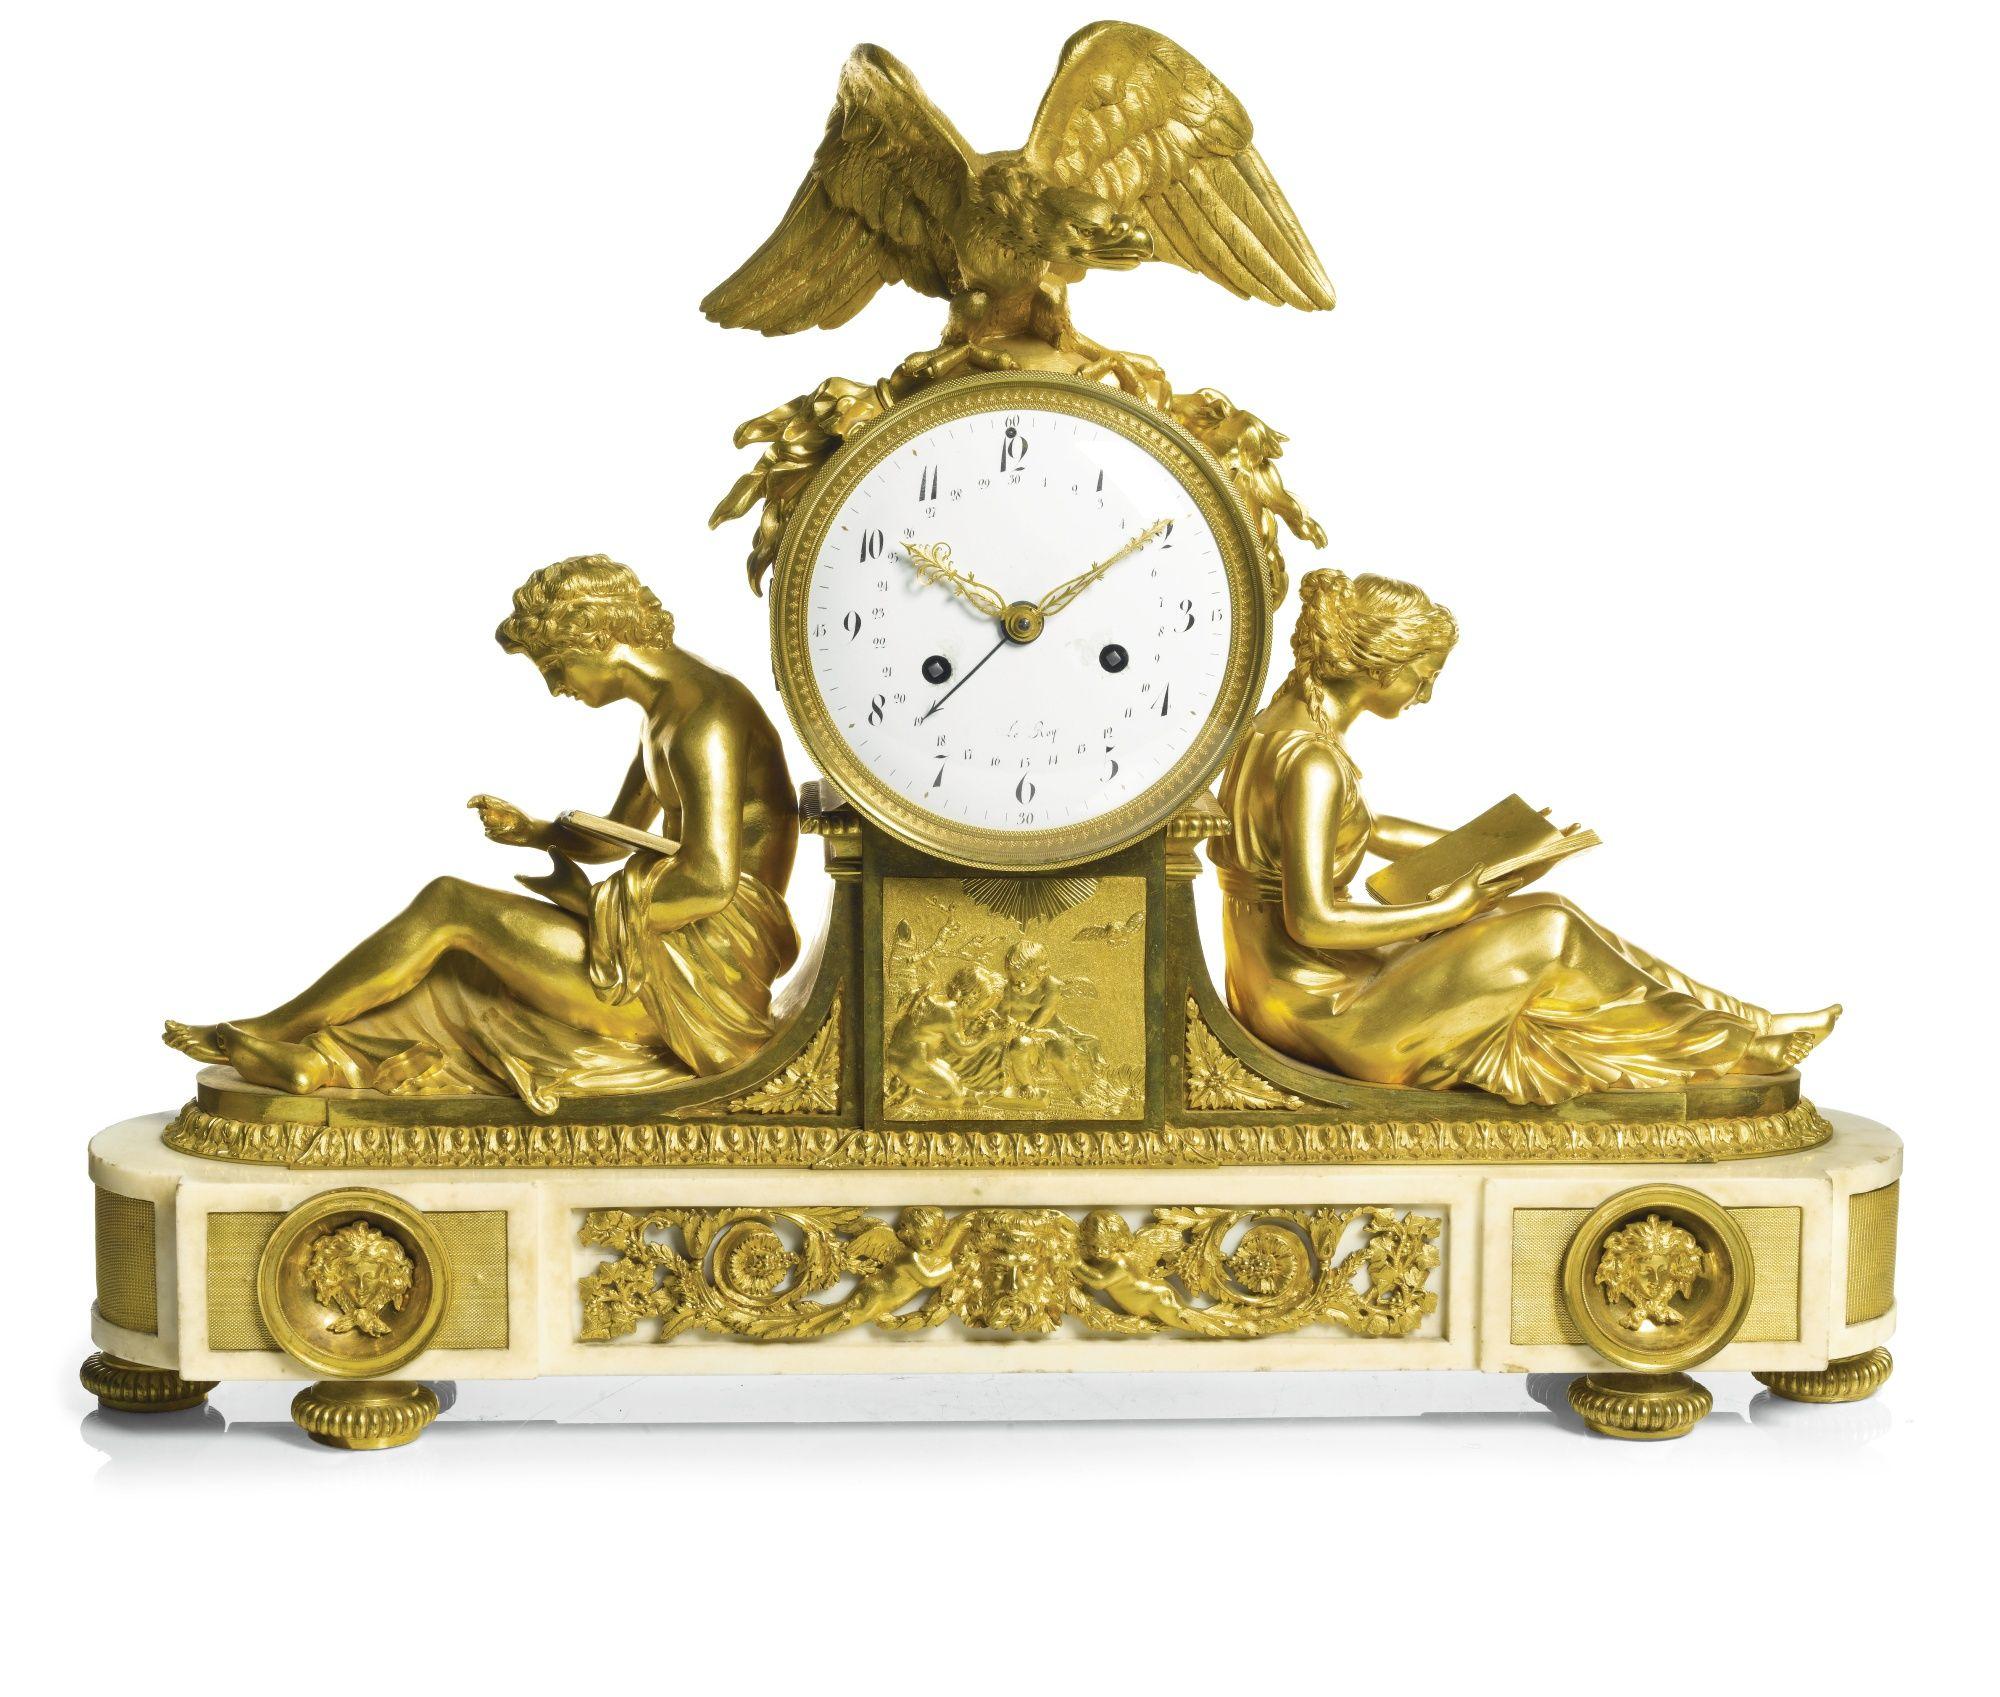 C1790 A Louis Xvi Gilt Bronze And White Marble Mantel Clock Etudes Et La Philosophie After F Antique Clocks Antique Pendulum Wall Clock Antique Wall Clocks